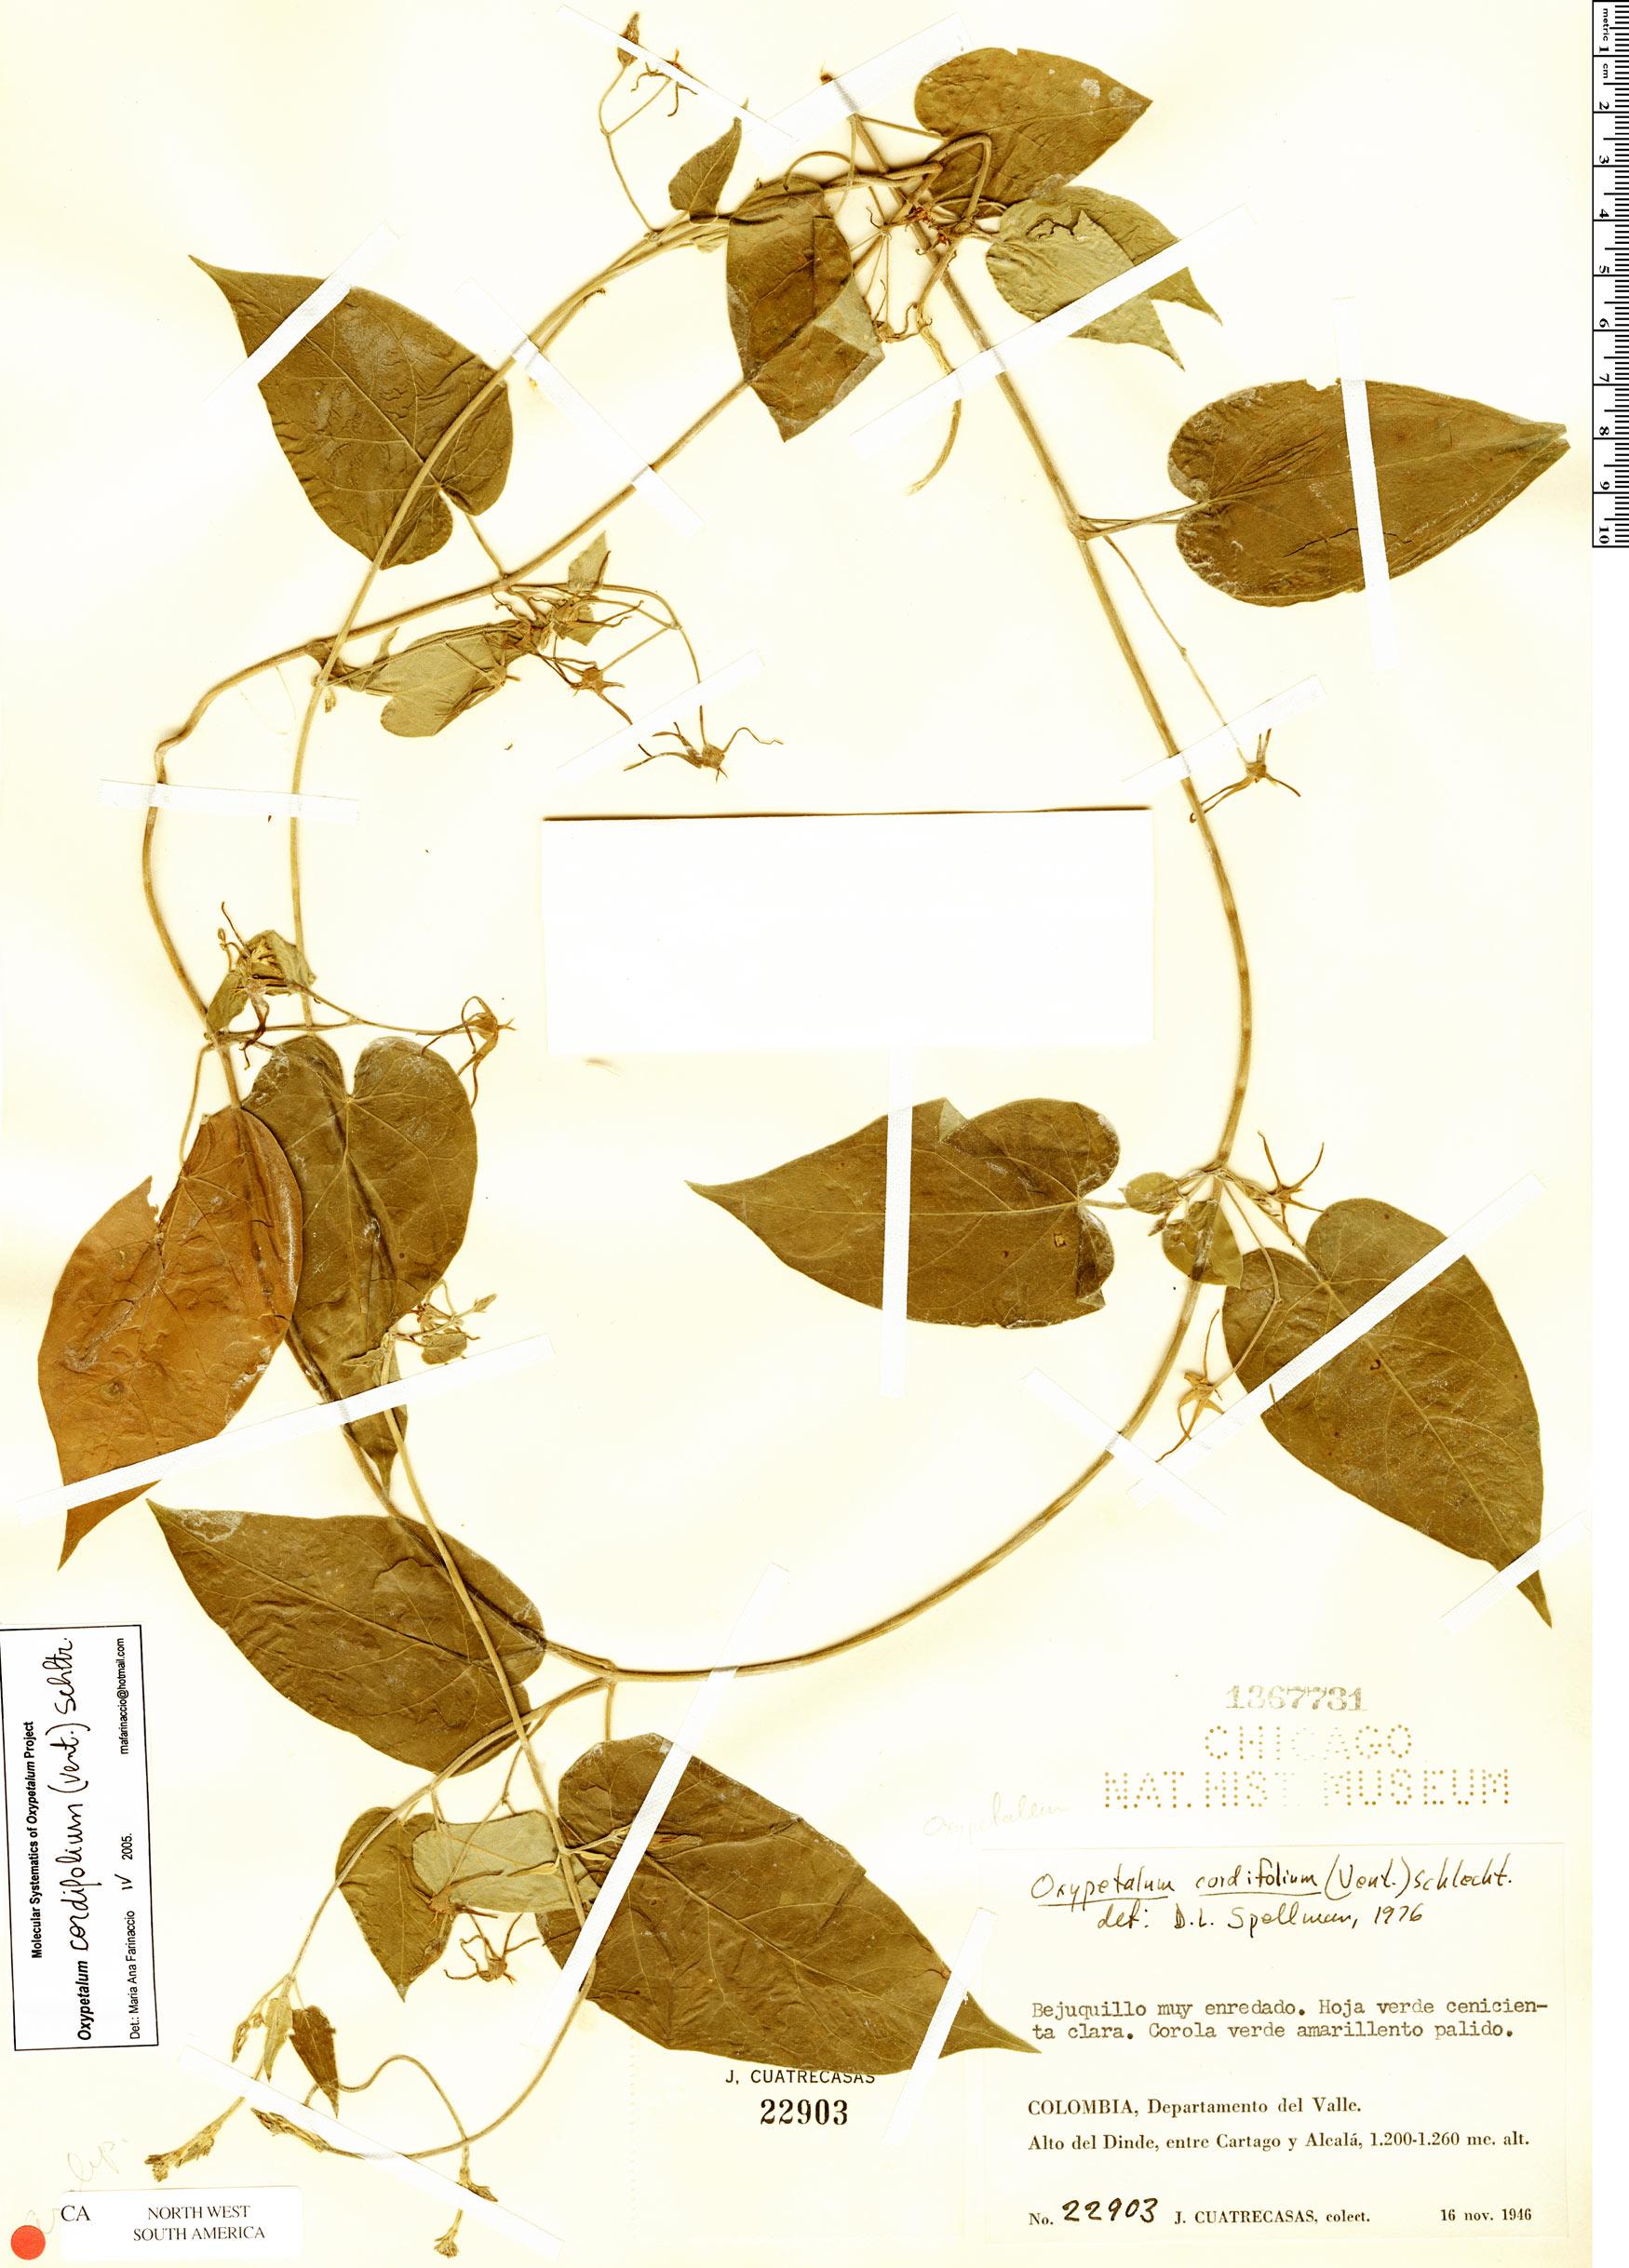 Specimen: Oxypetalum cordifolium